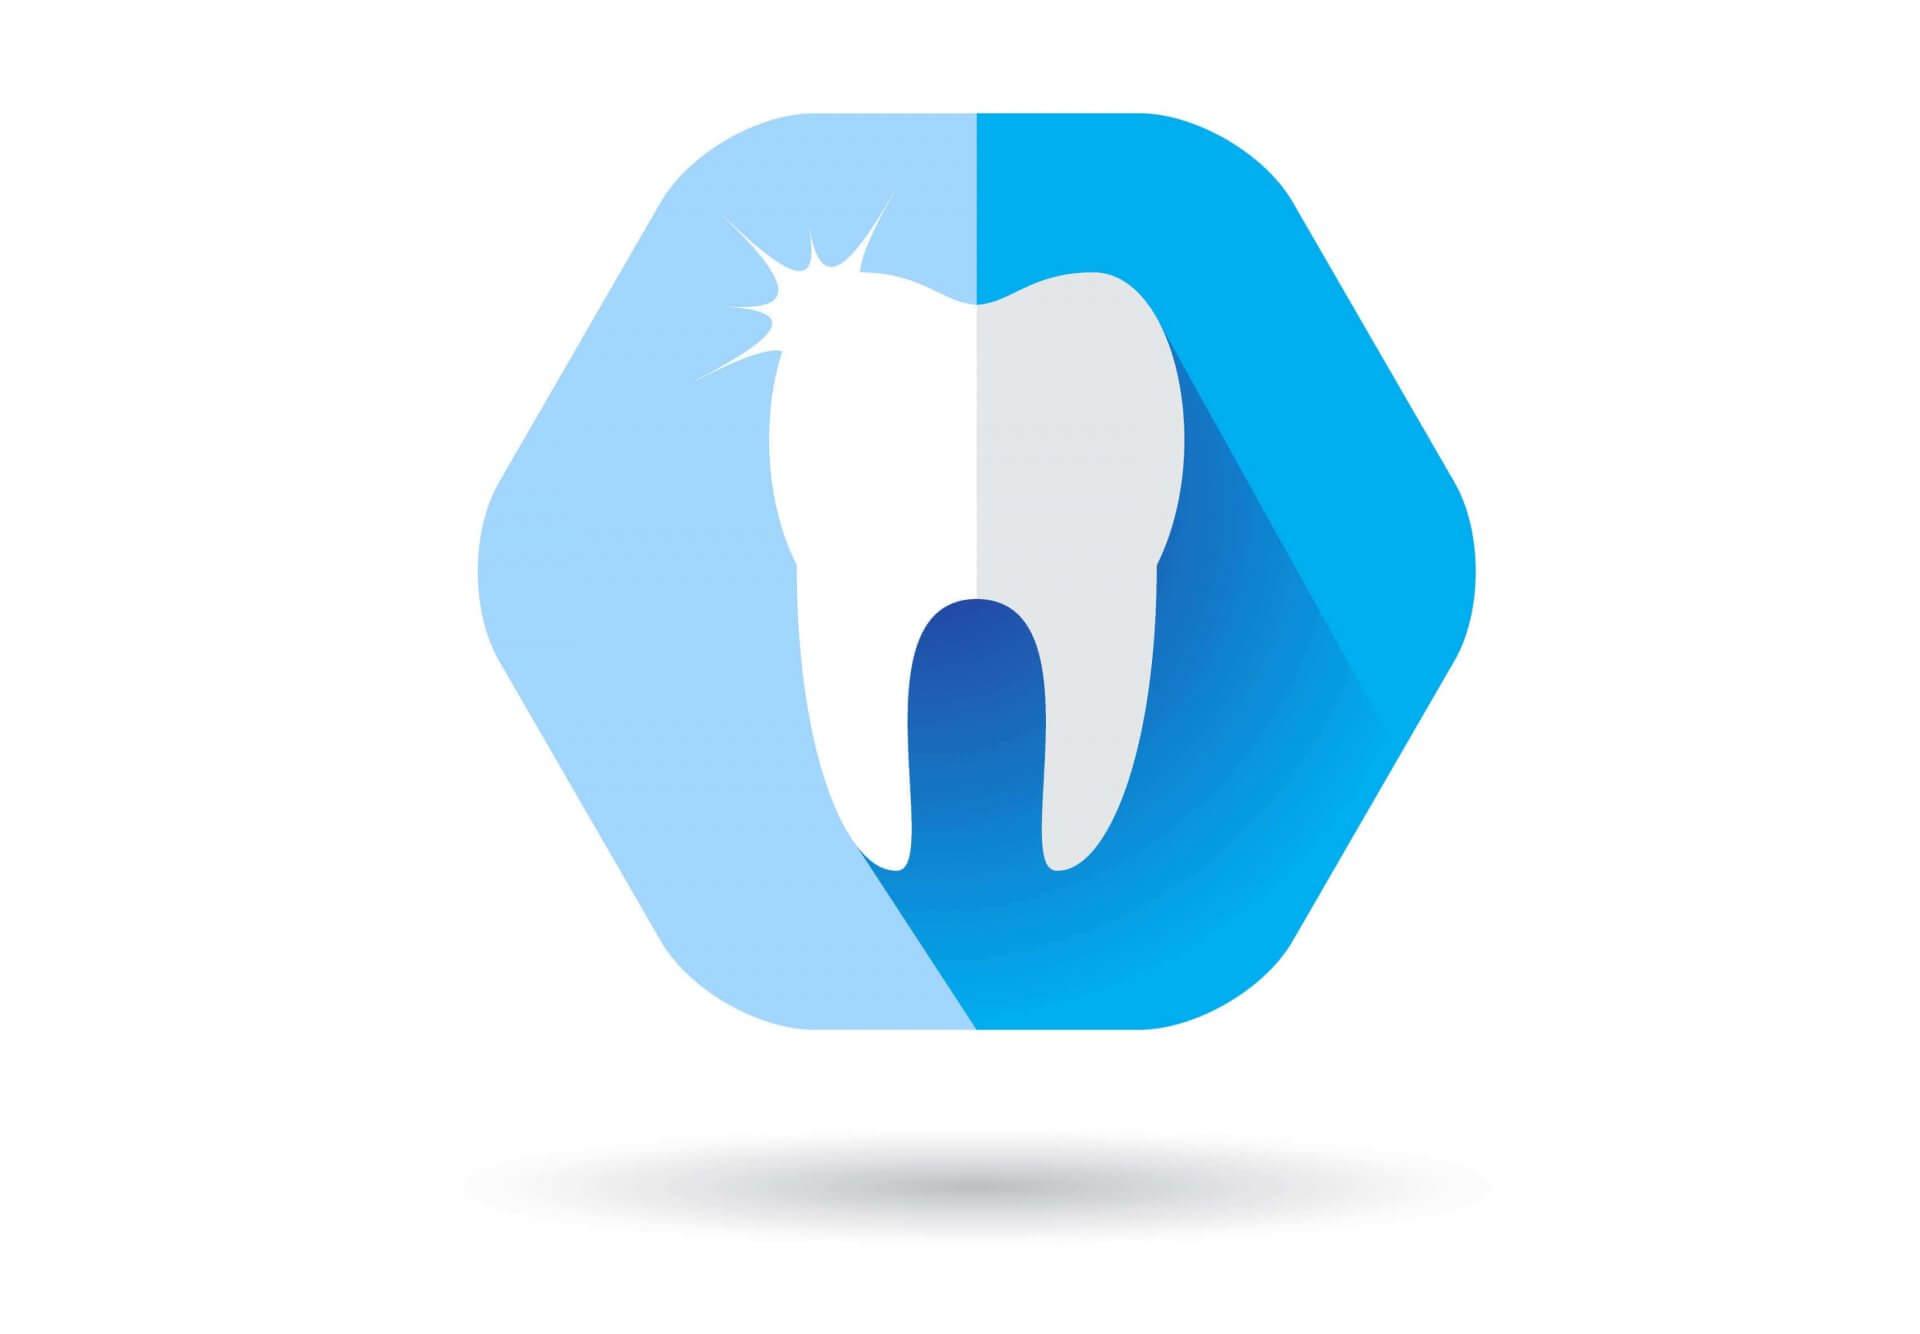 השתלת שיניים בשיטת Socket shield